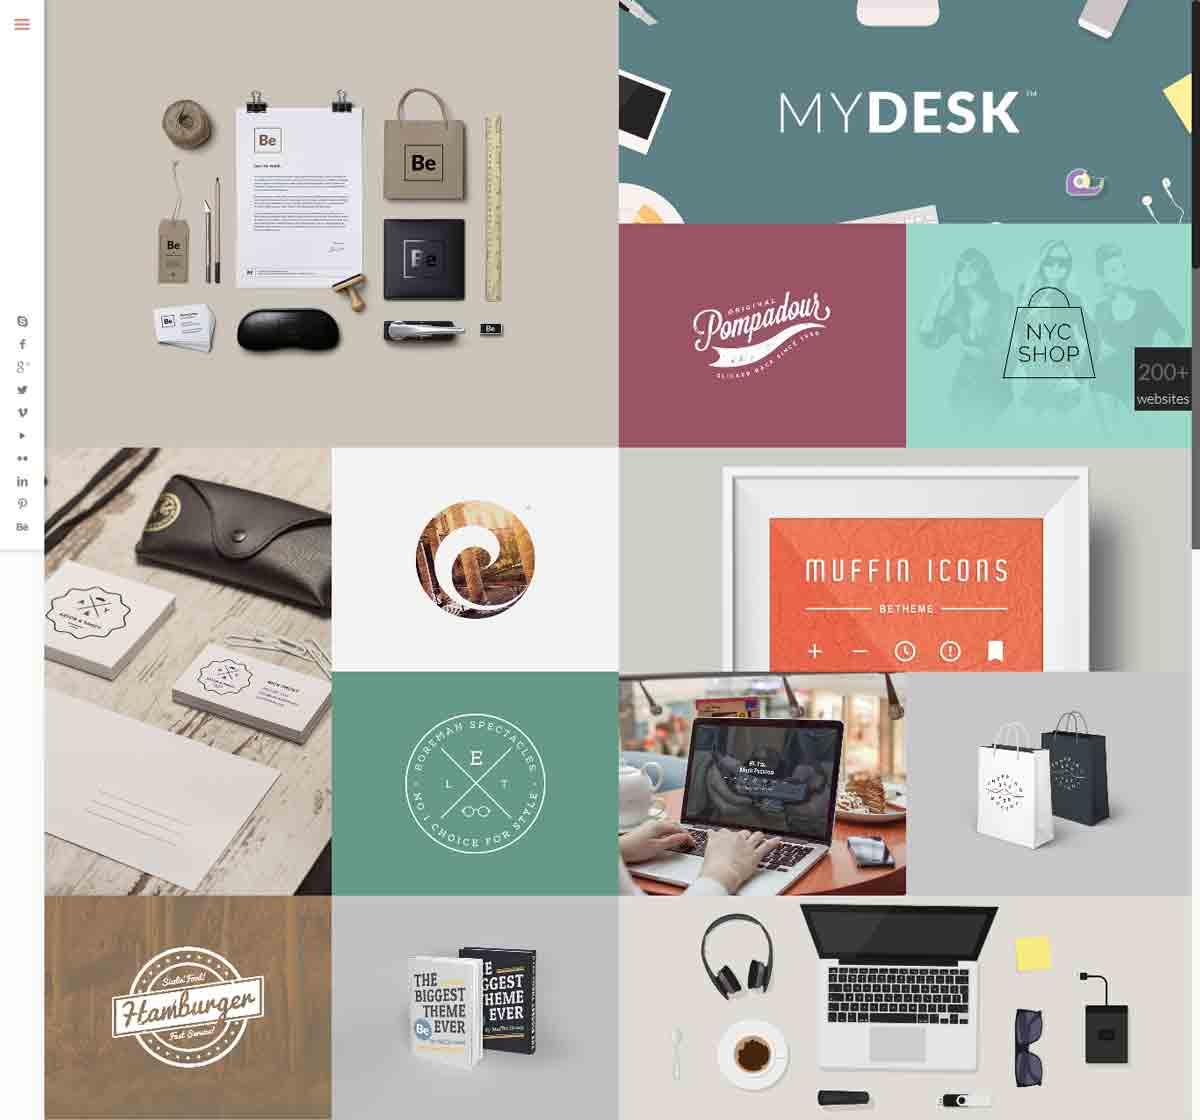 طراحی وب سایت نمونه کار